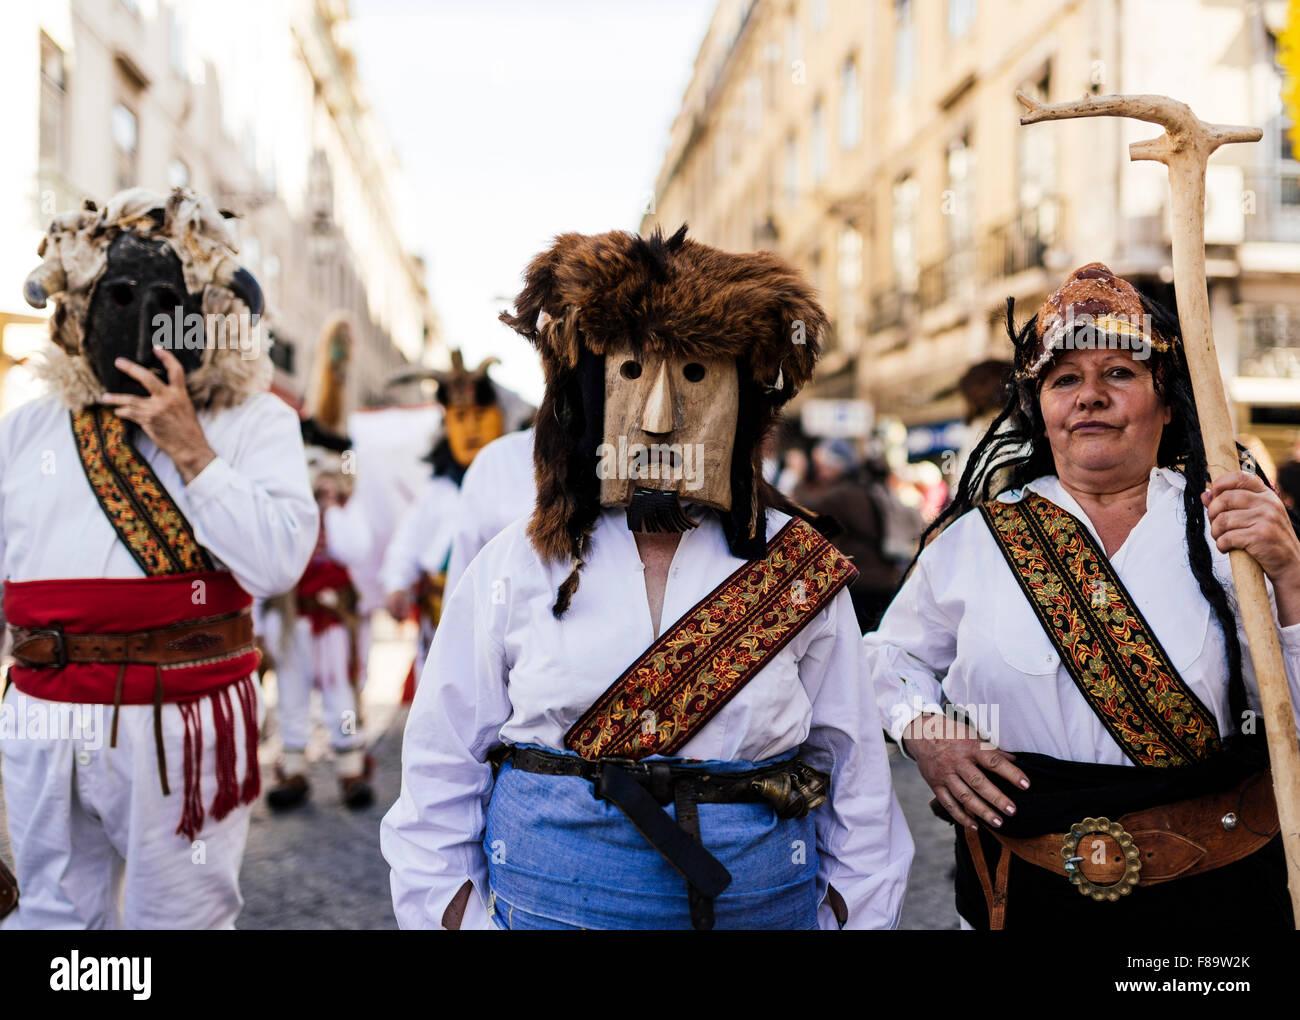 Festival internazionale maschera iberica, Lisbona, Portogallo Immagini Stock